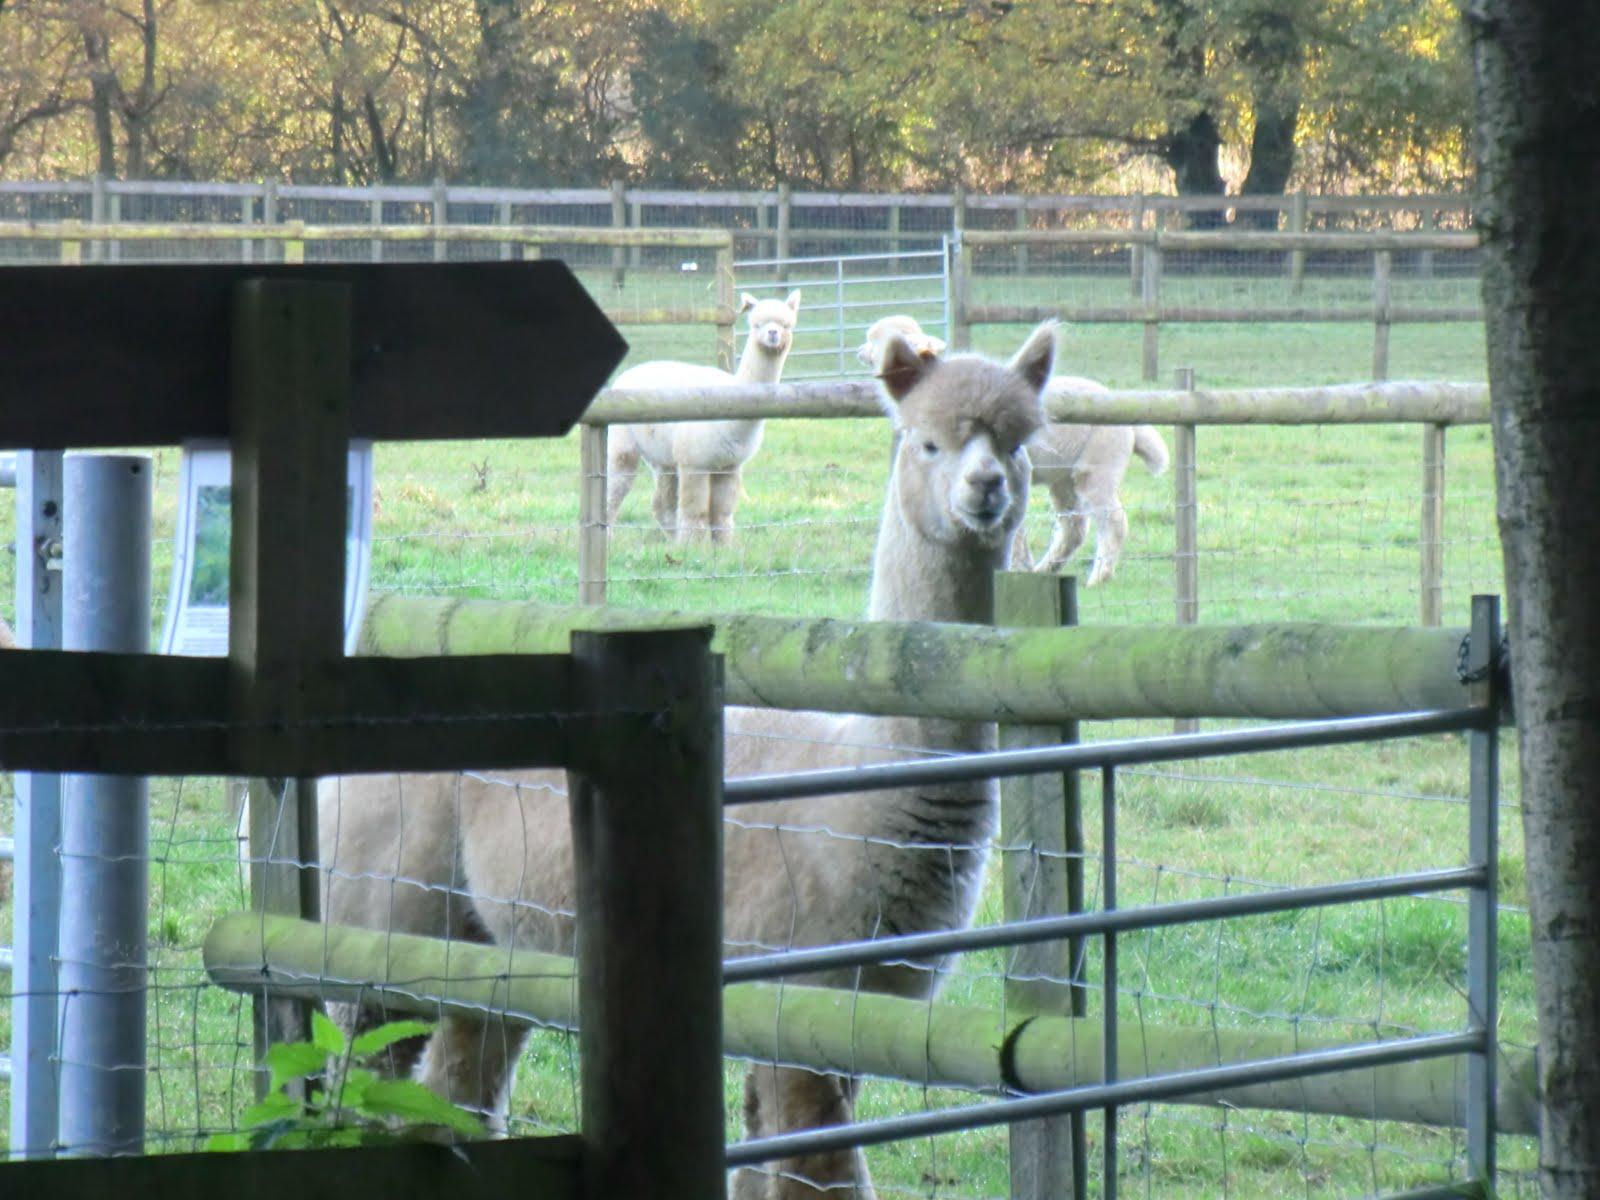 CIMG4935 Inquisitive alpaca